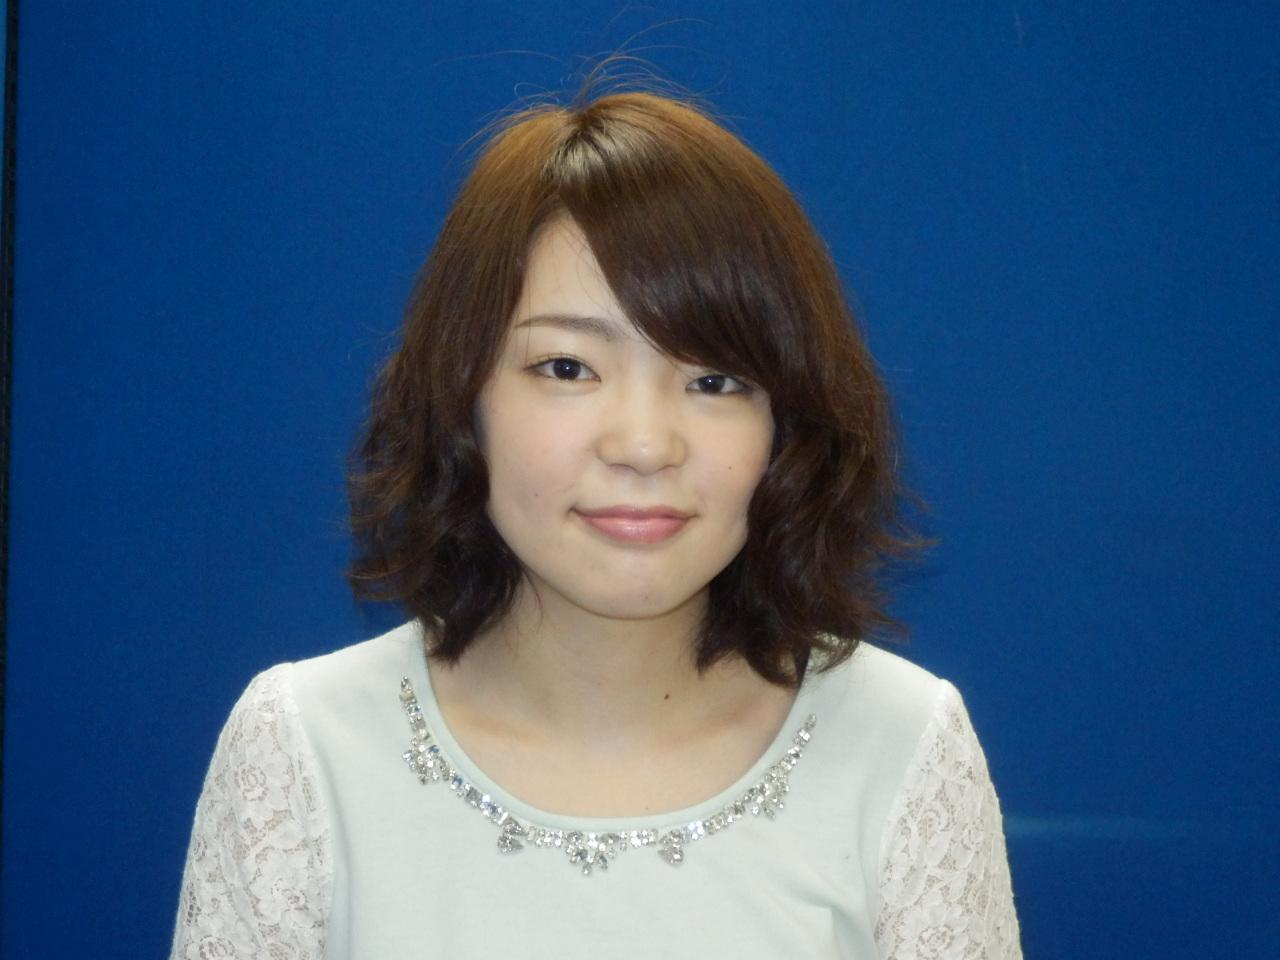 八木澤祥子 さん